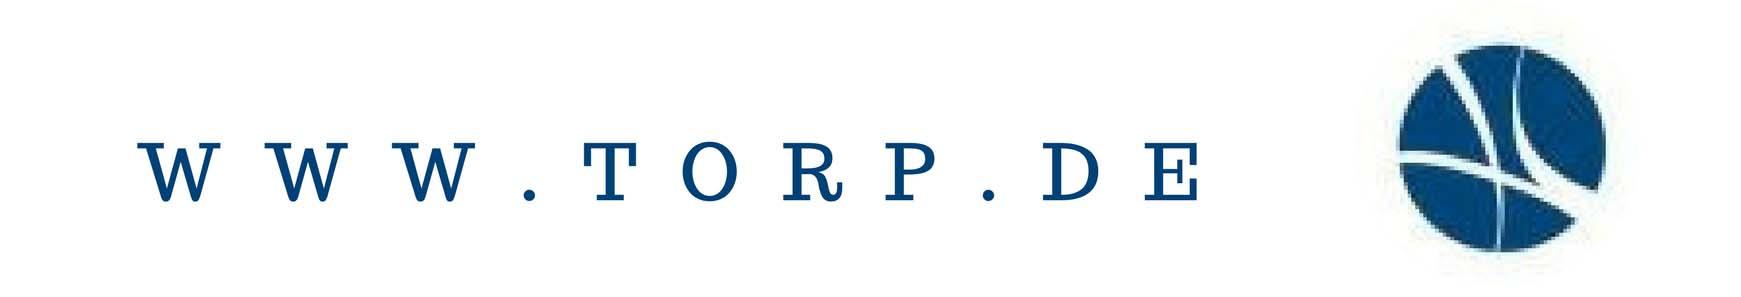 WWW.TORP.DE